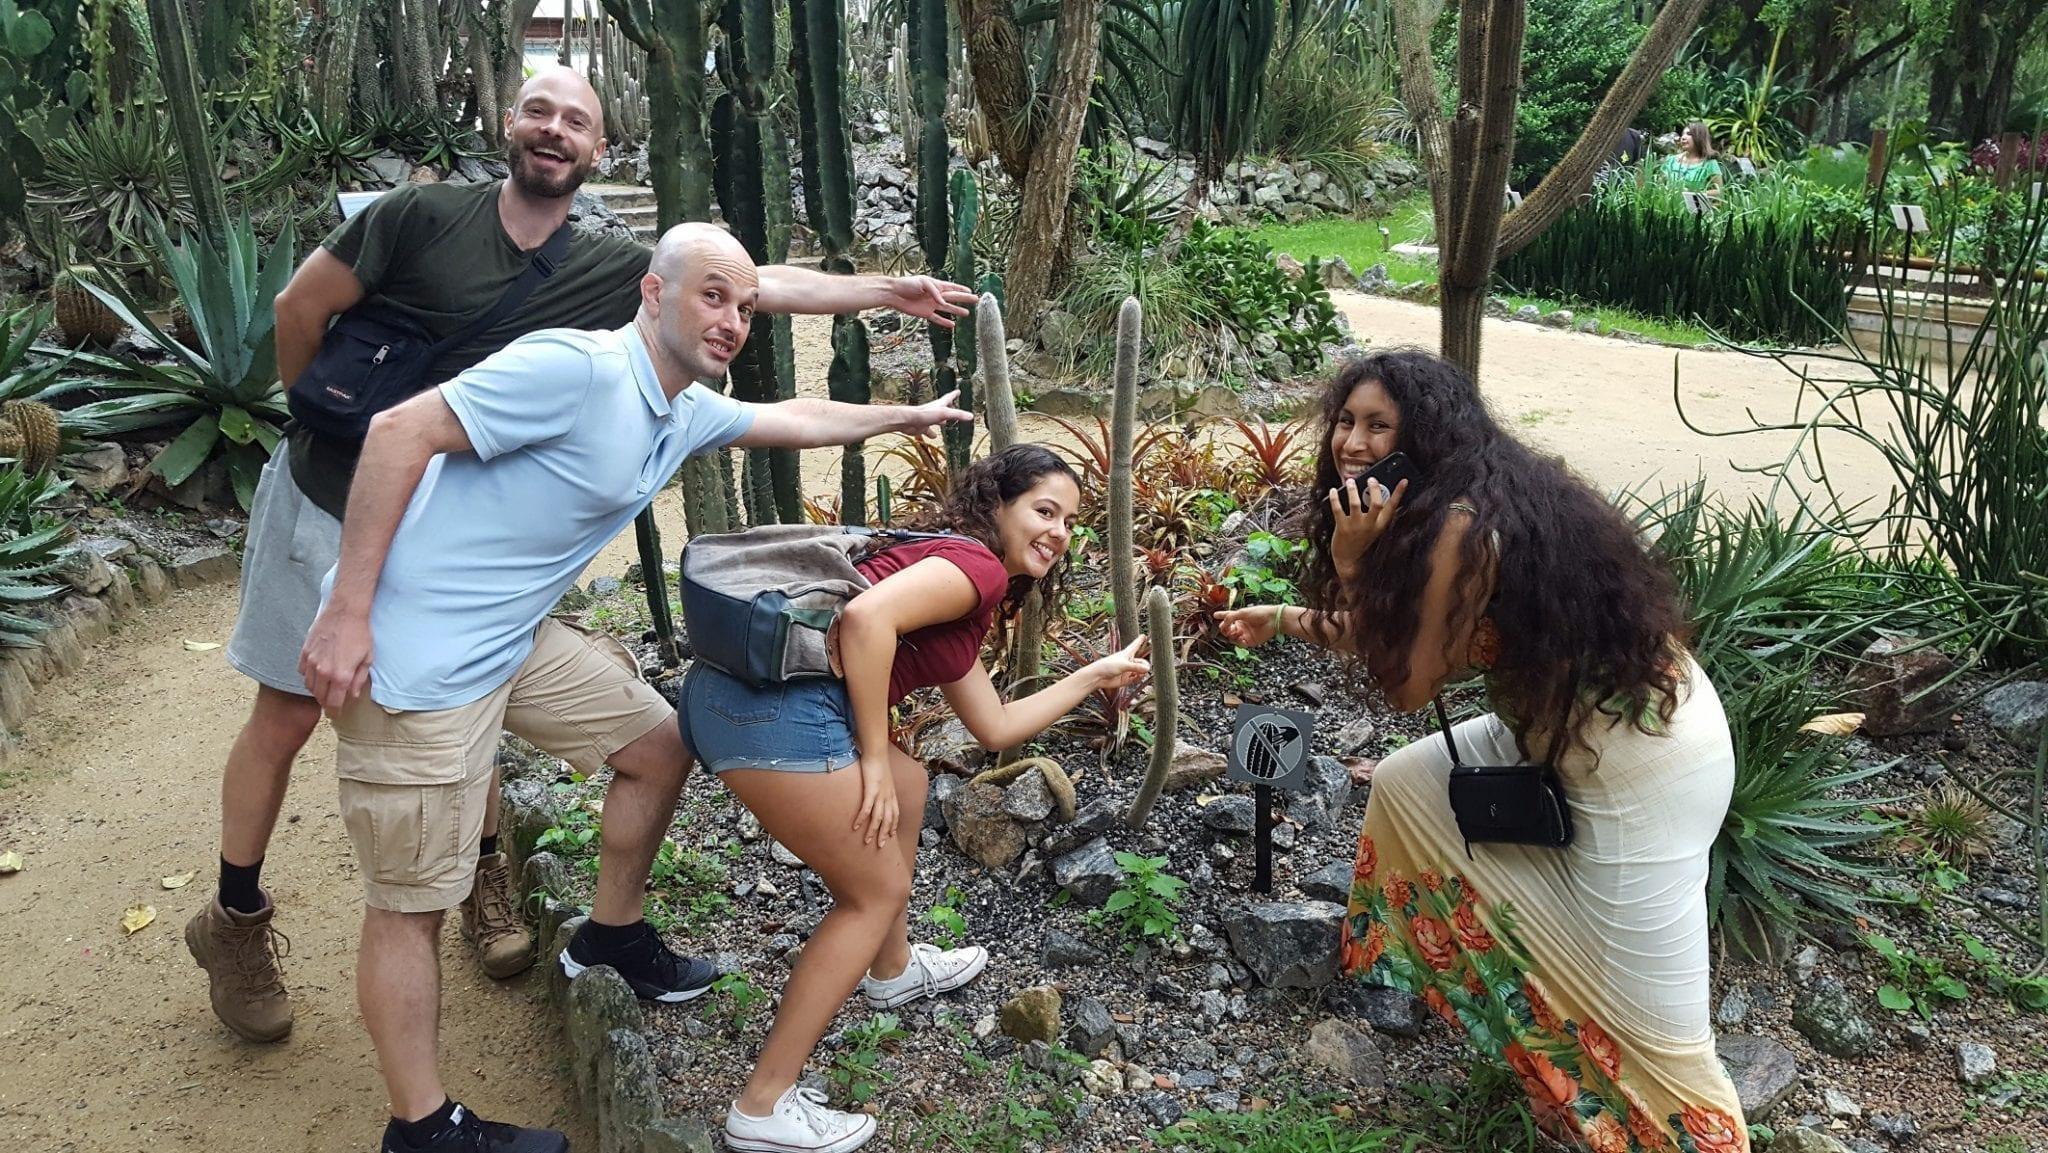 Estudiantes intentando tocar un cactus en el Jardín Botánico de Río de Janeiro.